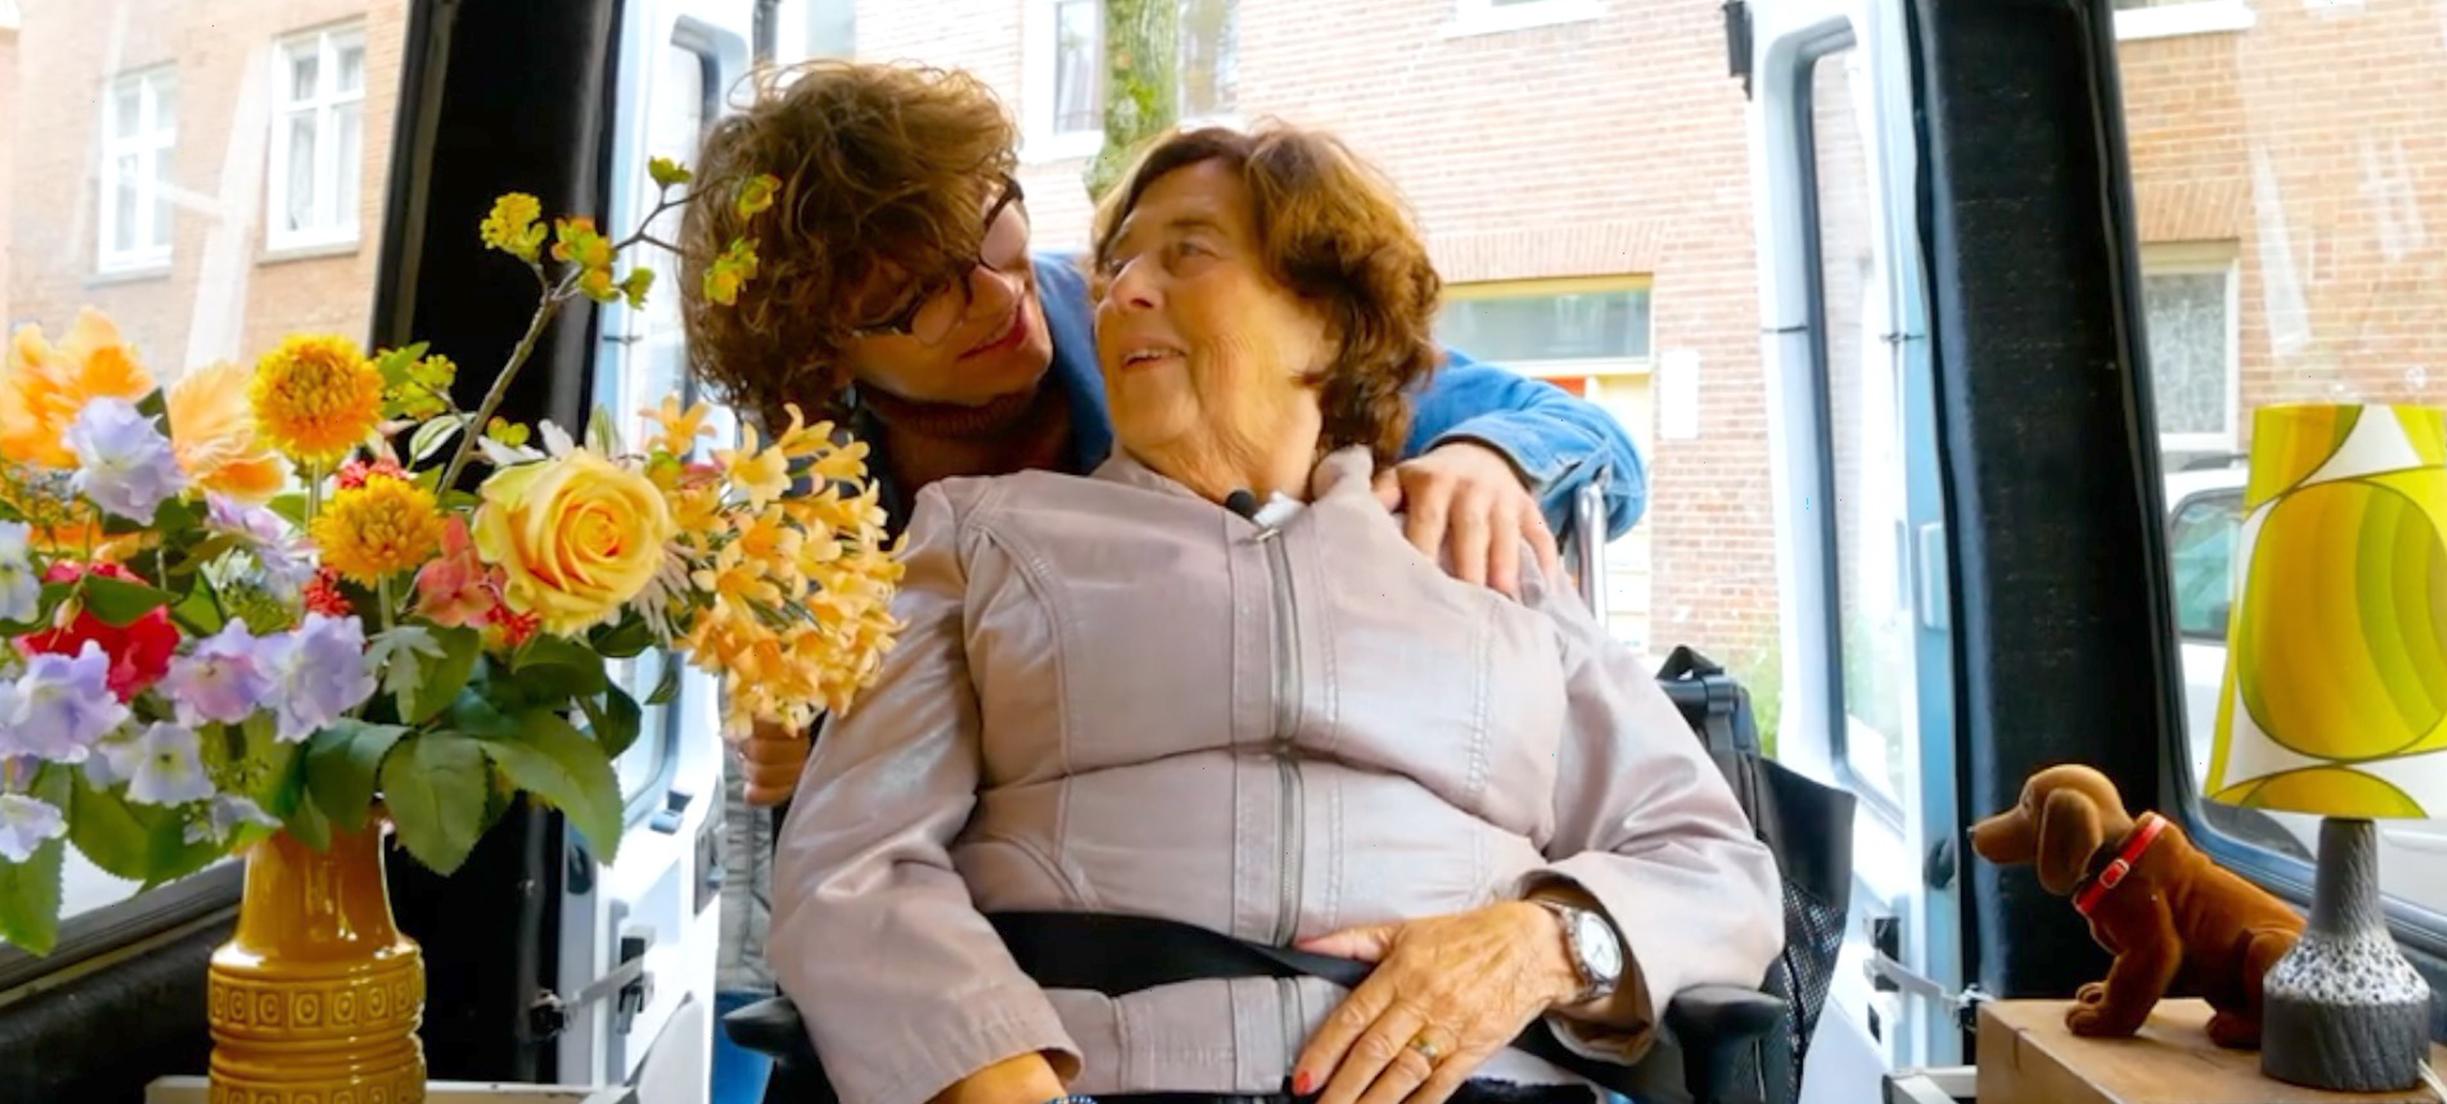 Teun (21) woont samen met mensen met dementie: 'Ze willen gewoon gelijkwaardig zijn'